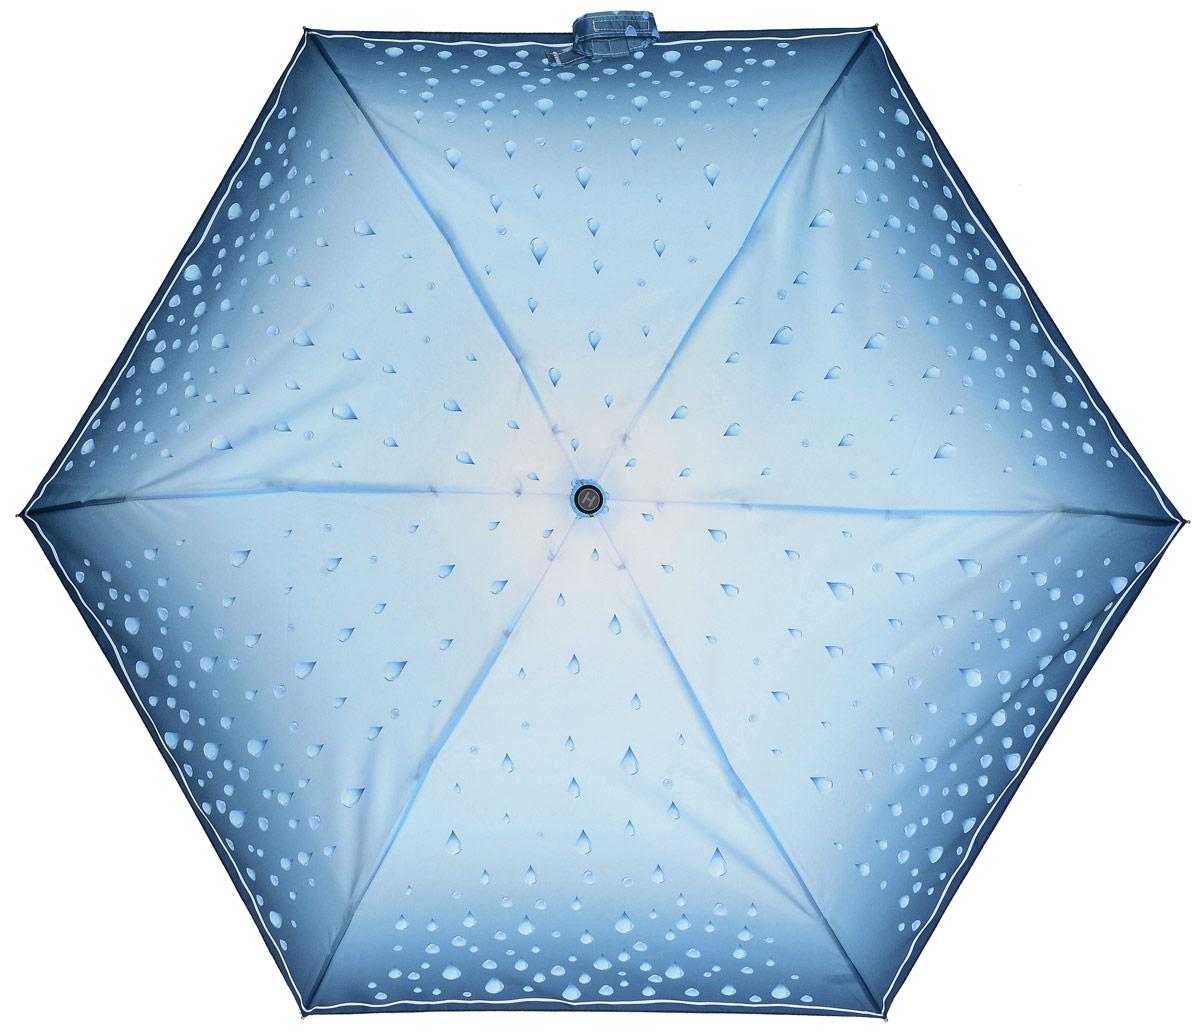 Зонт женский Henry Backer, 5 сложений, цвет: голубой. U34202 Rain dropsCX1516-50-10Легкий женский зонт «Капли дождя», голубой, механика Рукоять выполнена из нескользящего комфортного для ладони материала, ветроустойчивый каркас сделан из алюминия и фибергласса.